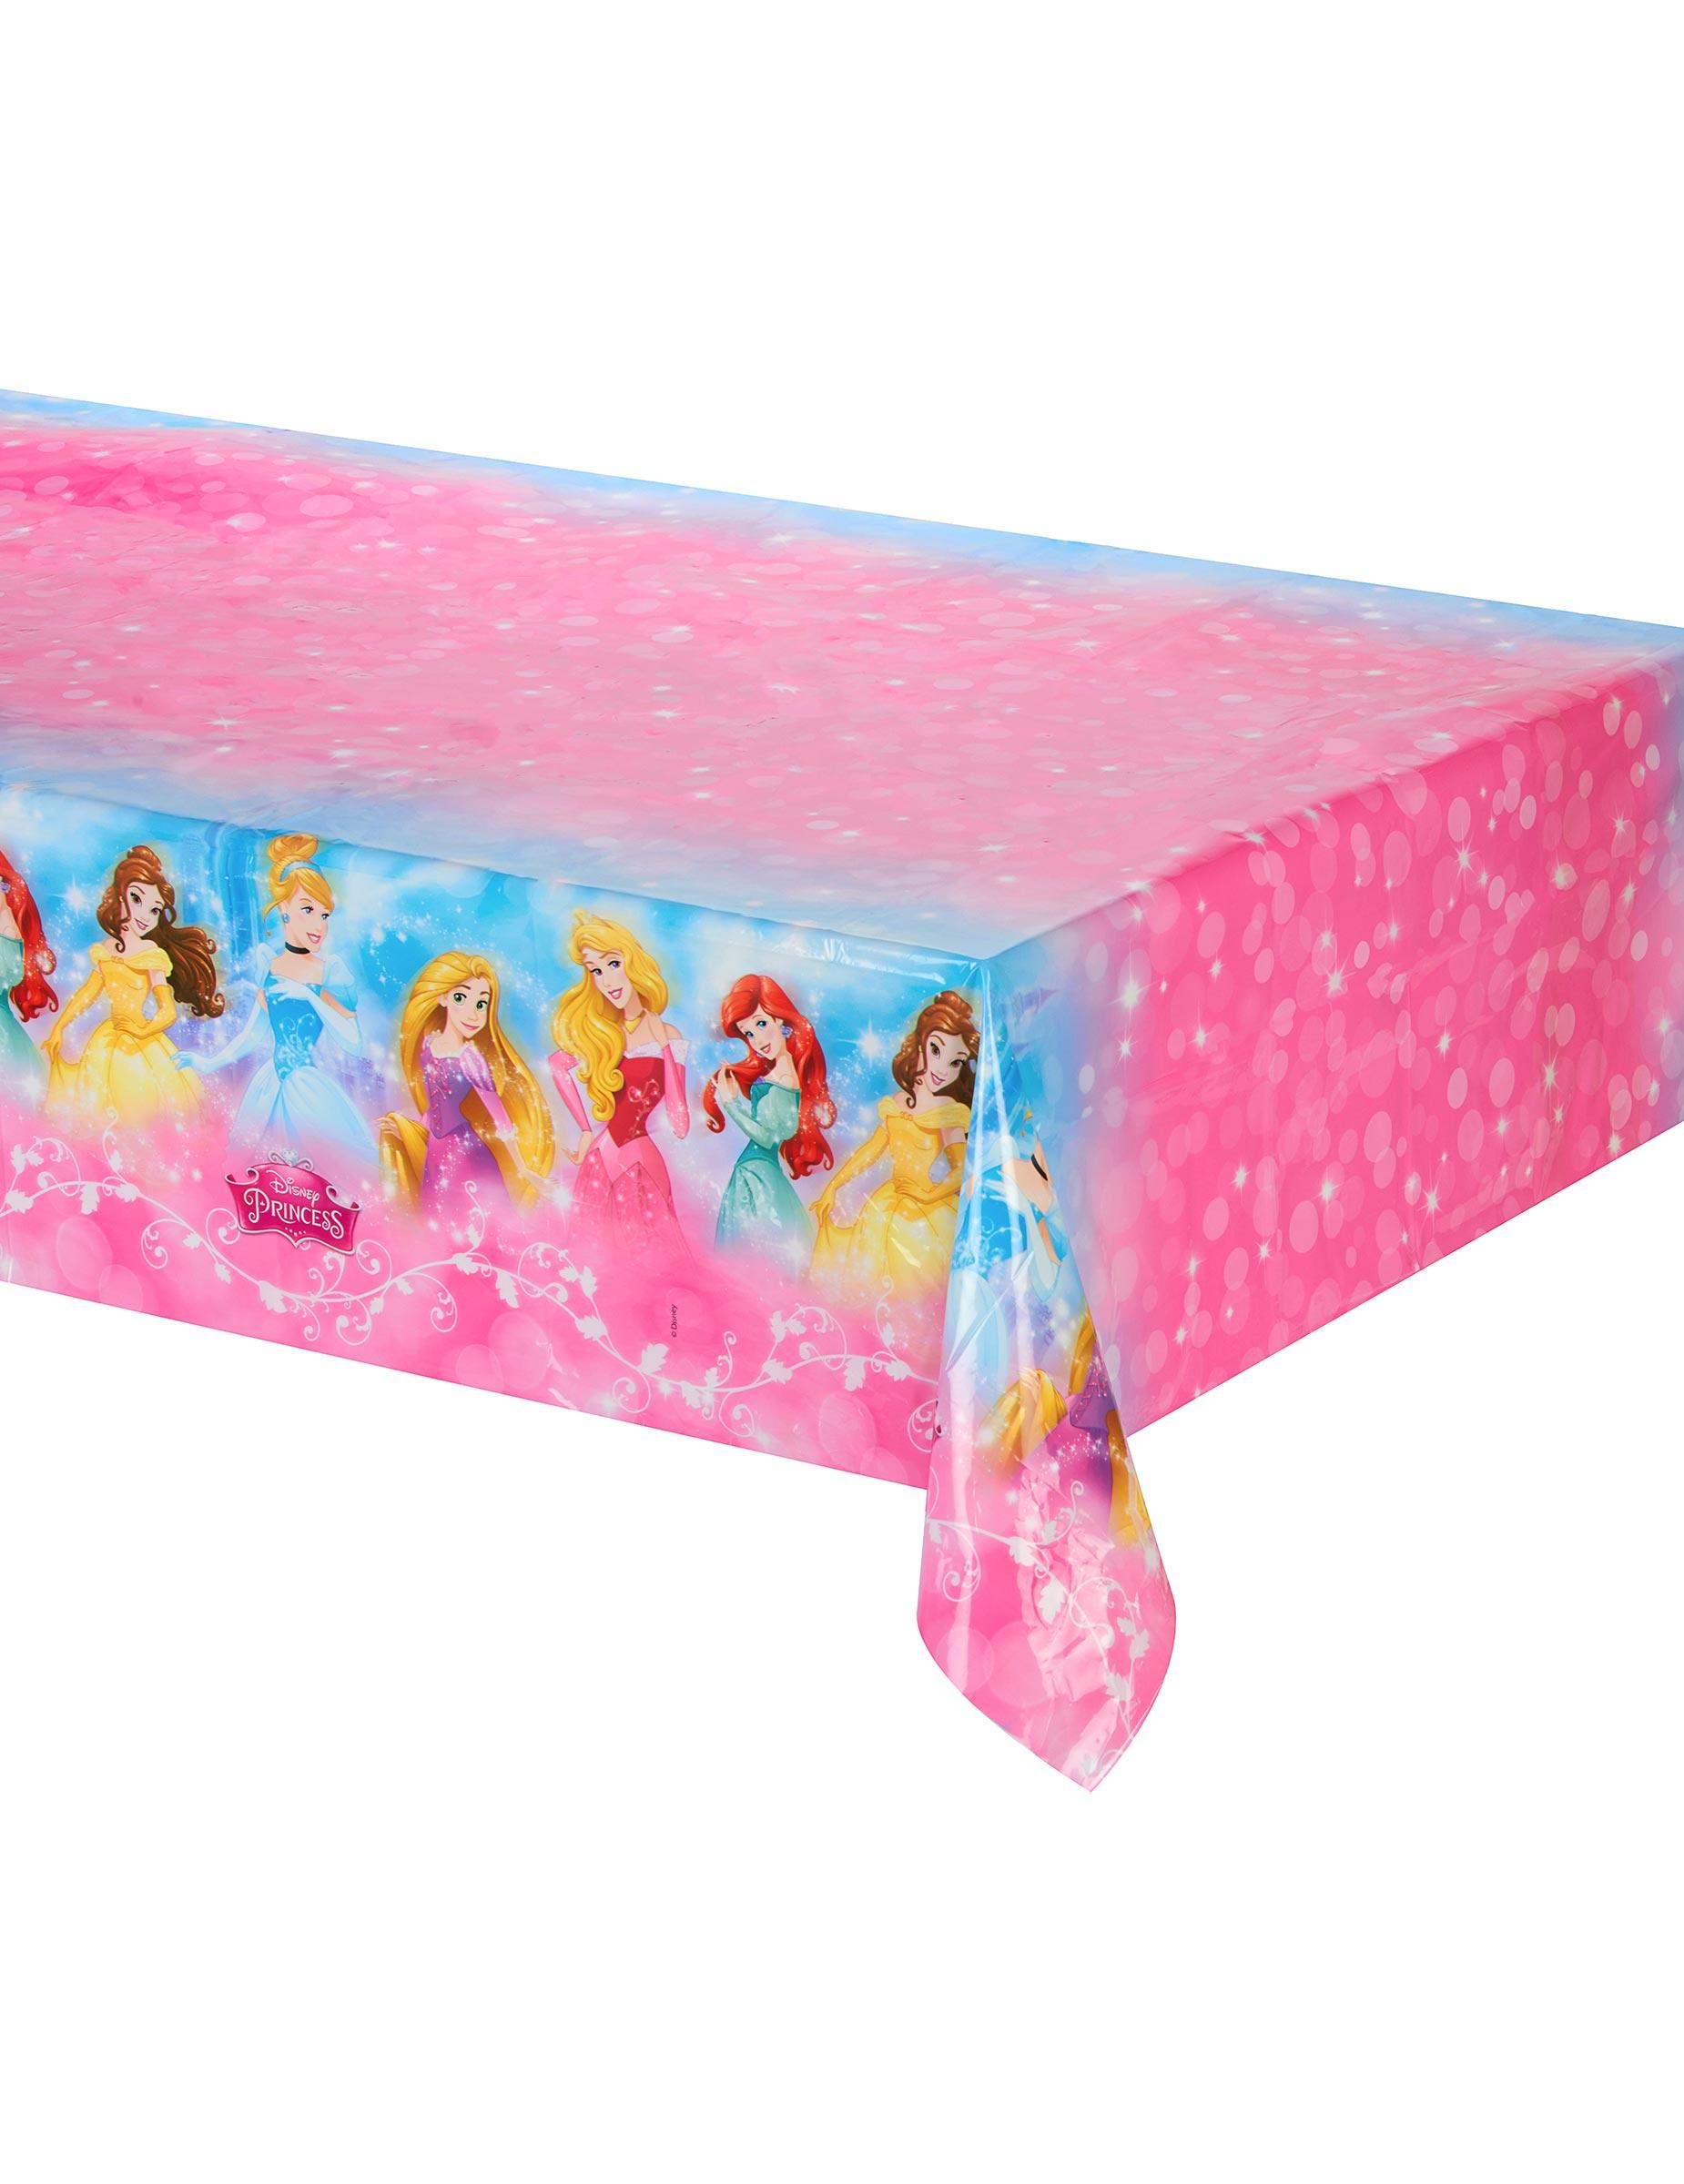 Mantel de pl stico princesas disney 120 x 180 cm decoraci n y disfraces originales baratos - Mantel plastico ...